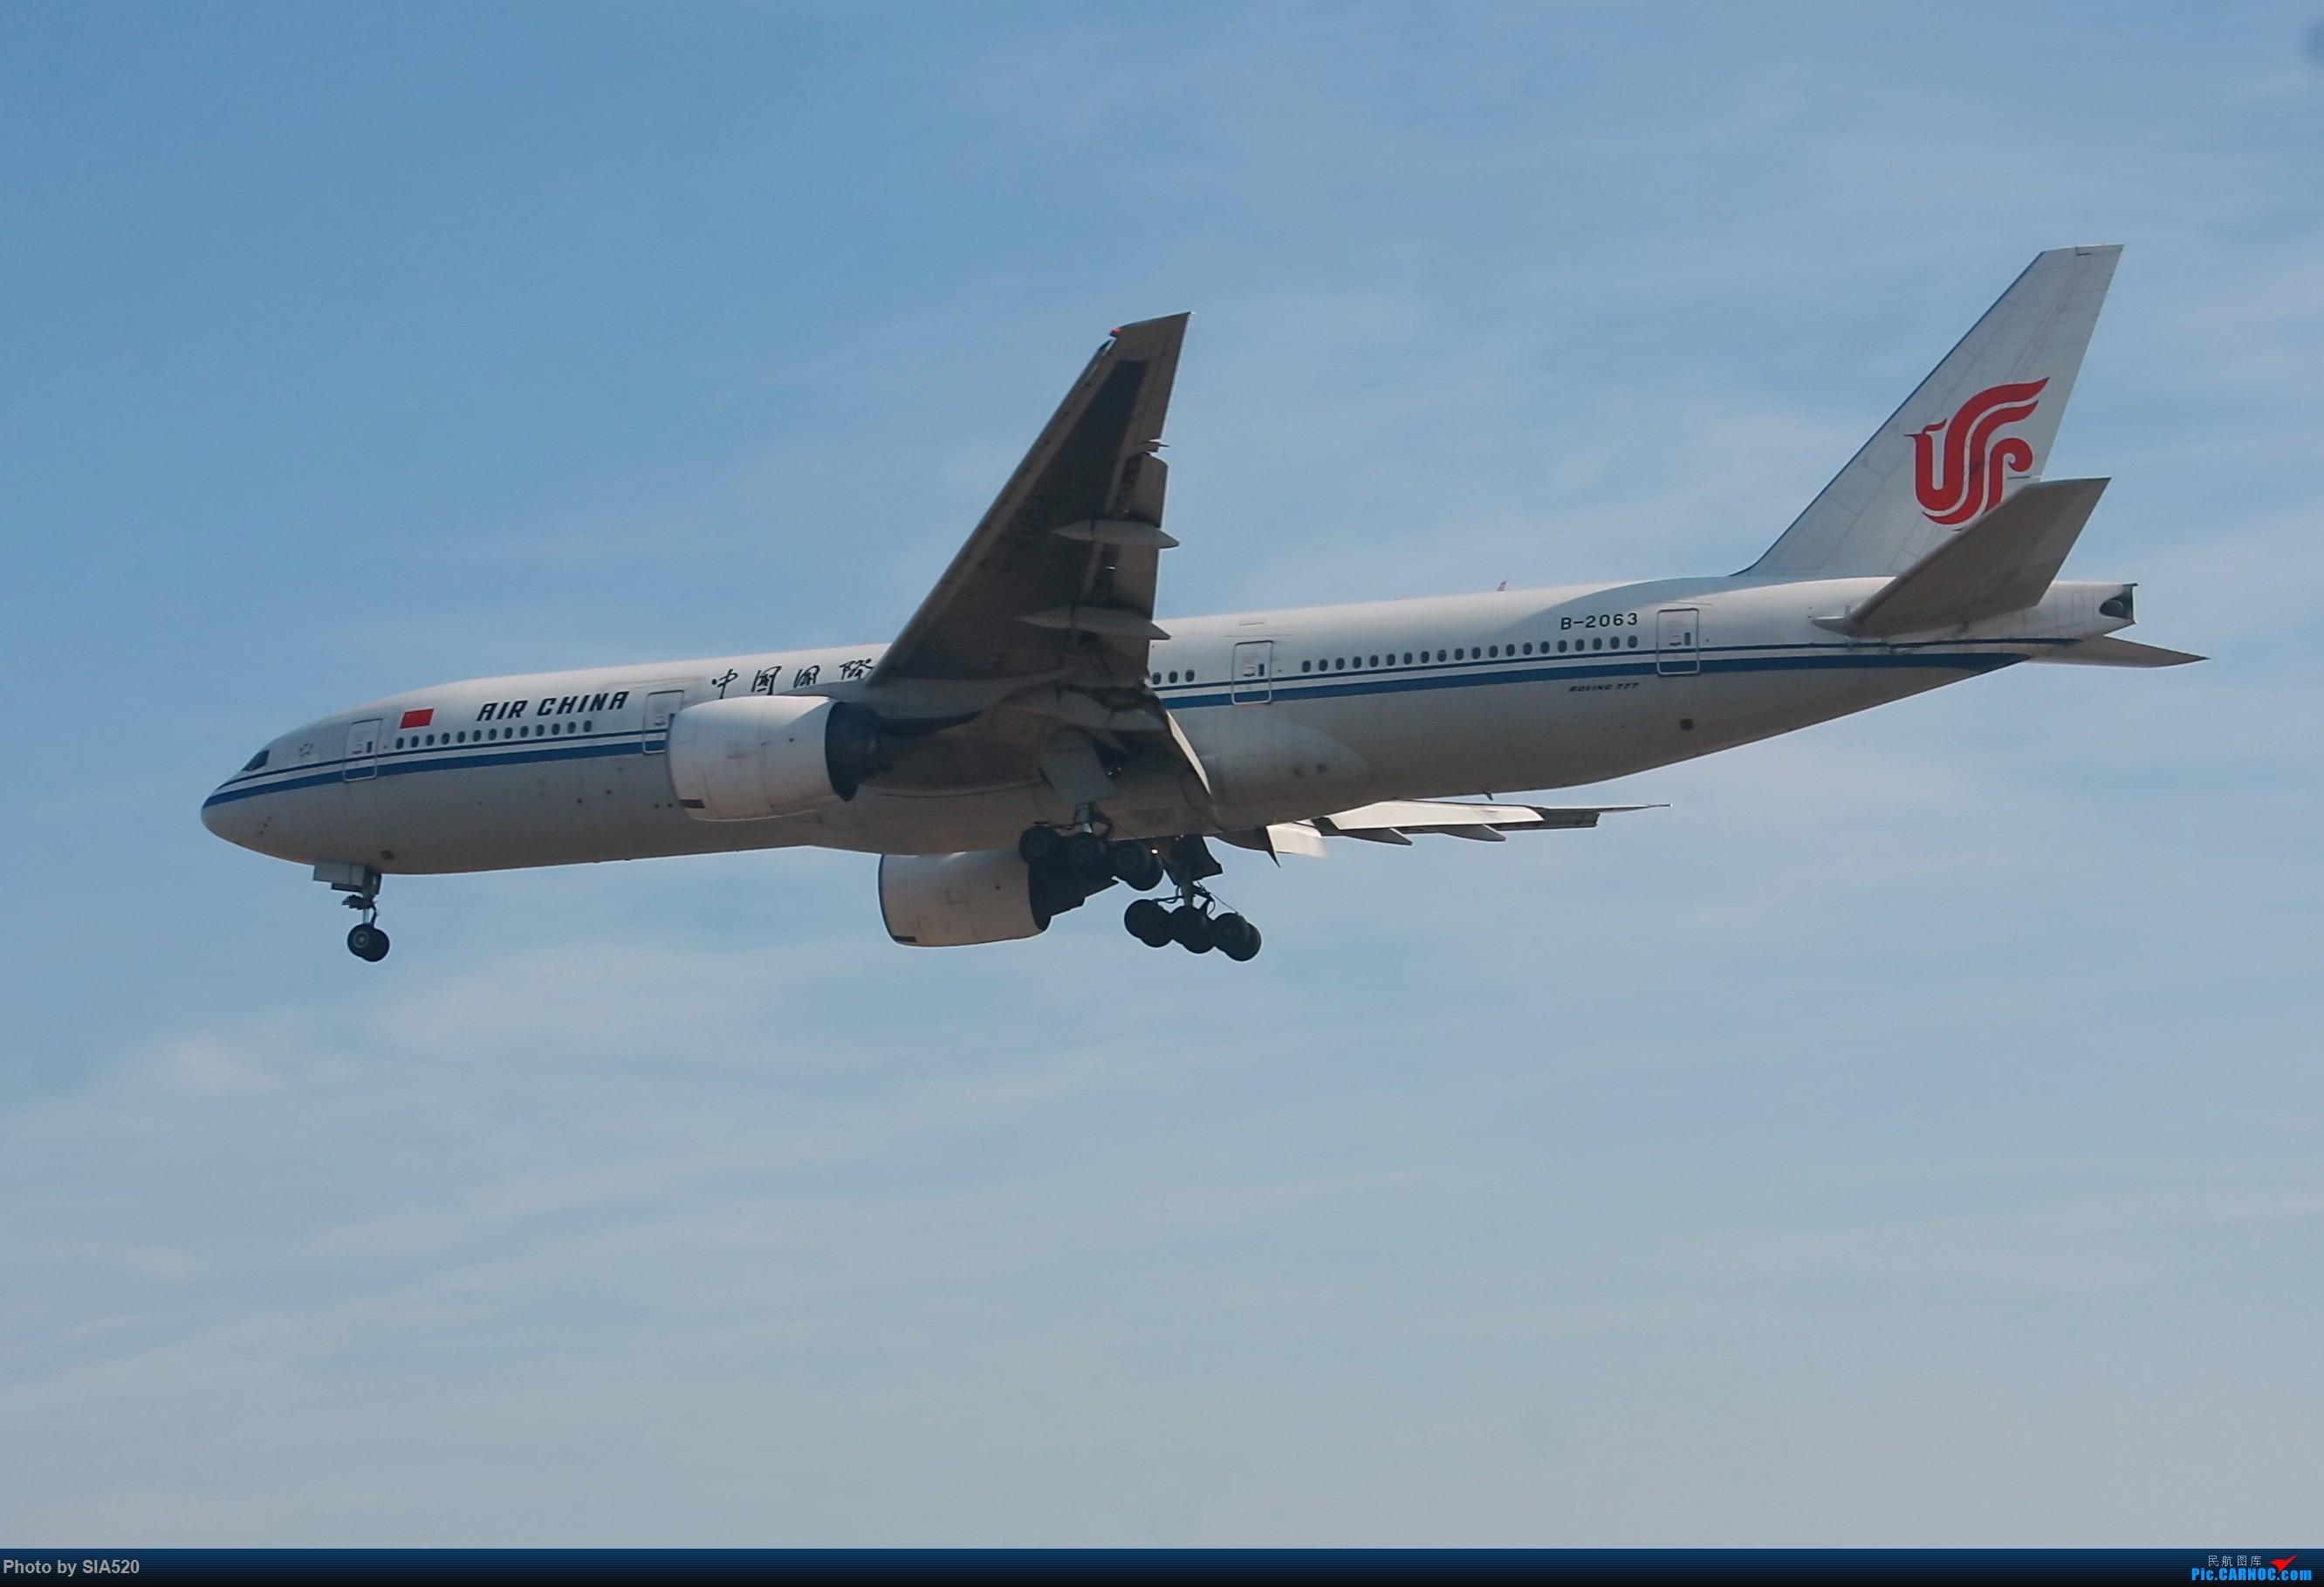 Re:[原创]六年流年留念—感谢自己坚守 感谢所有人 BOEING 777-200 B-2063 中国北京首都国际机场